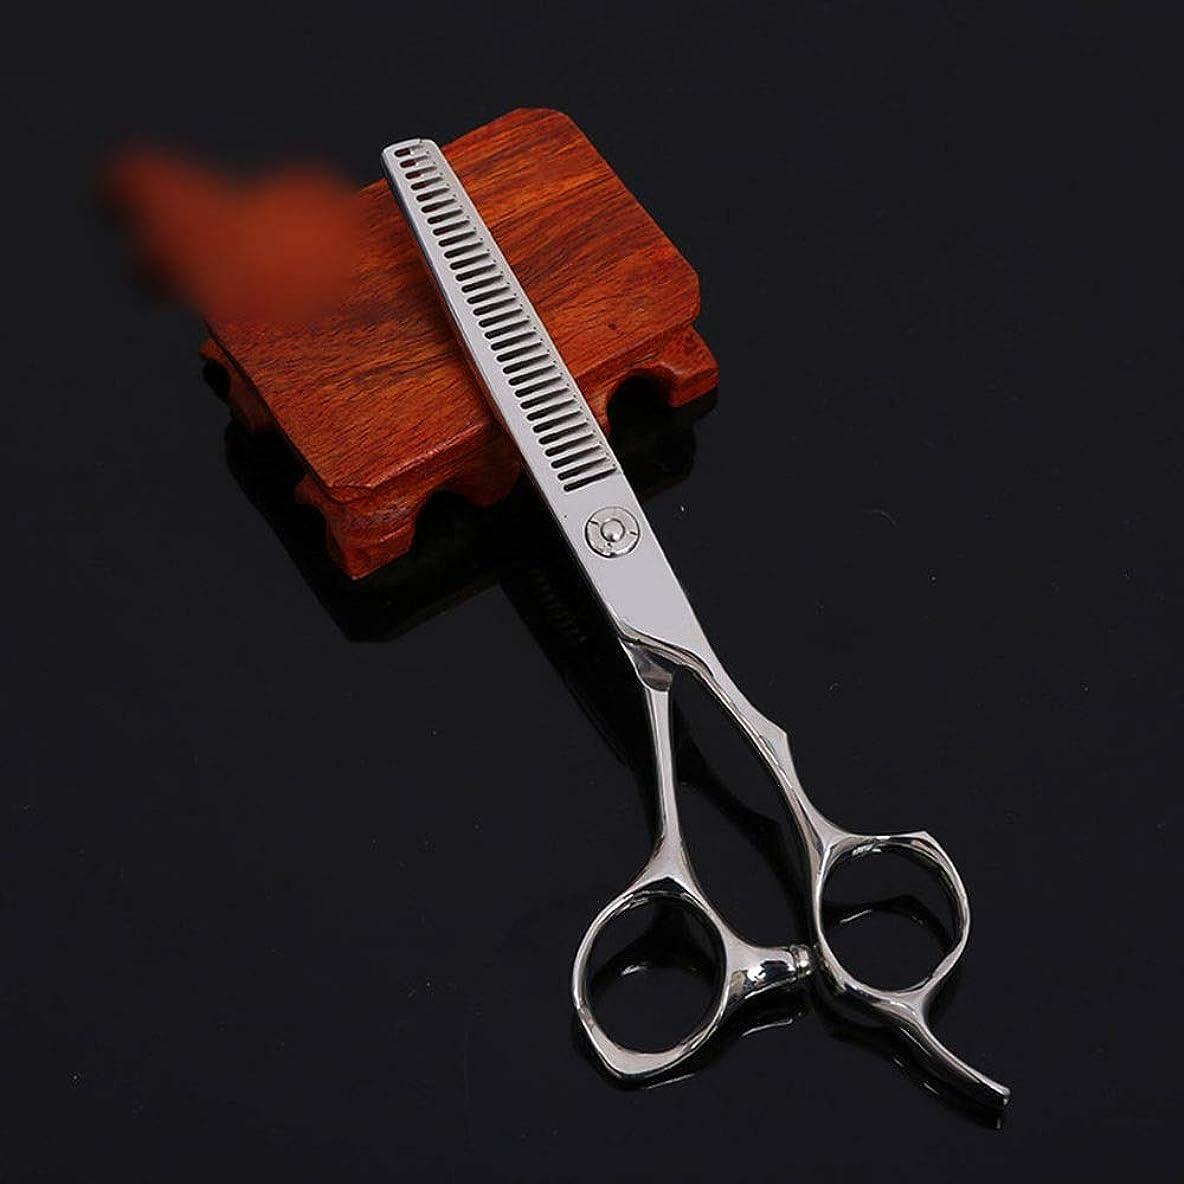 キネマティクススリップシューズたとえ理髪用はさみ 6インチ美容院プロの理髪はさみ、歯切断高品質理髪ツールヘアカット鋏ステンレス理髪はさみ (色 : Silver)